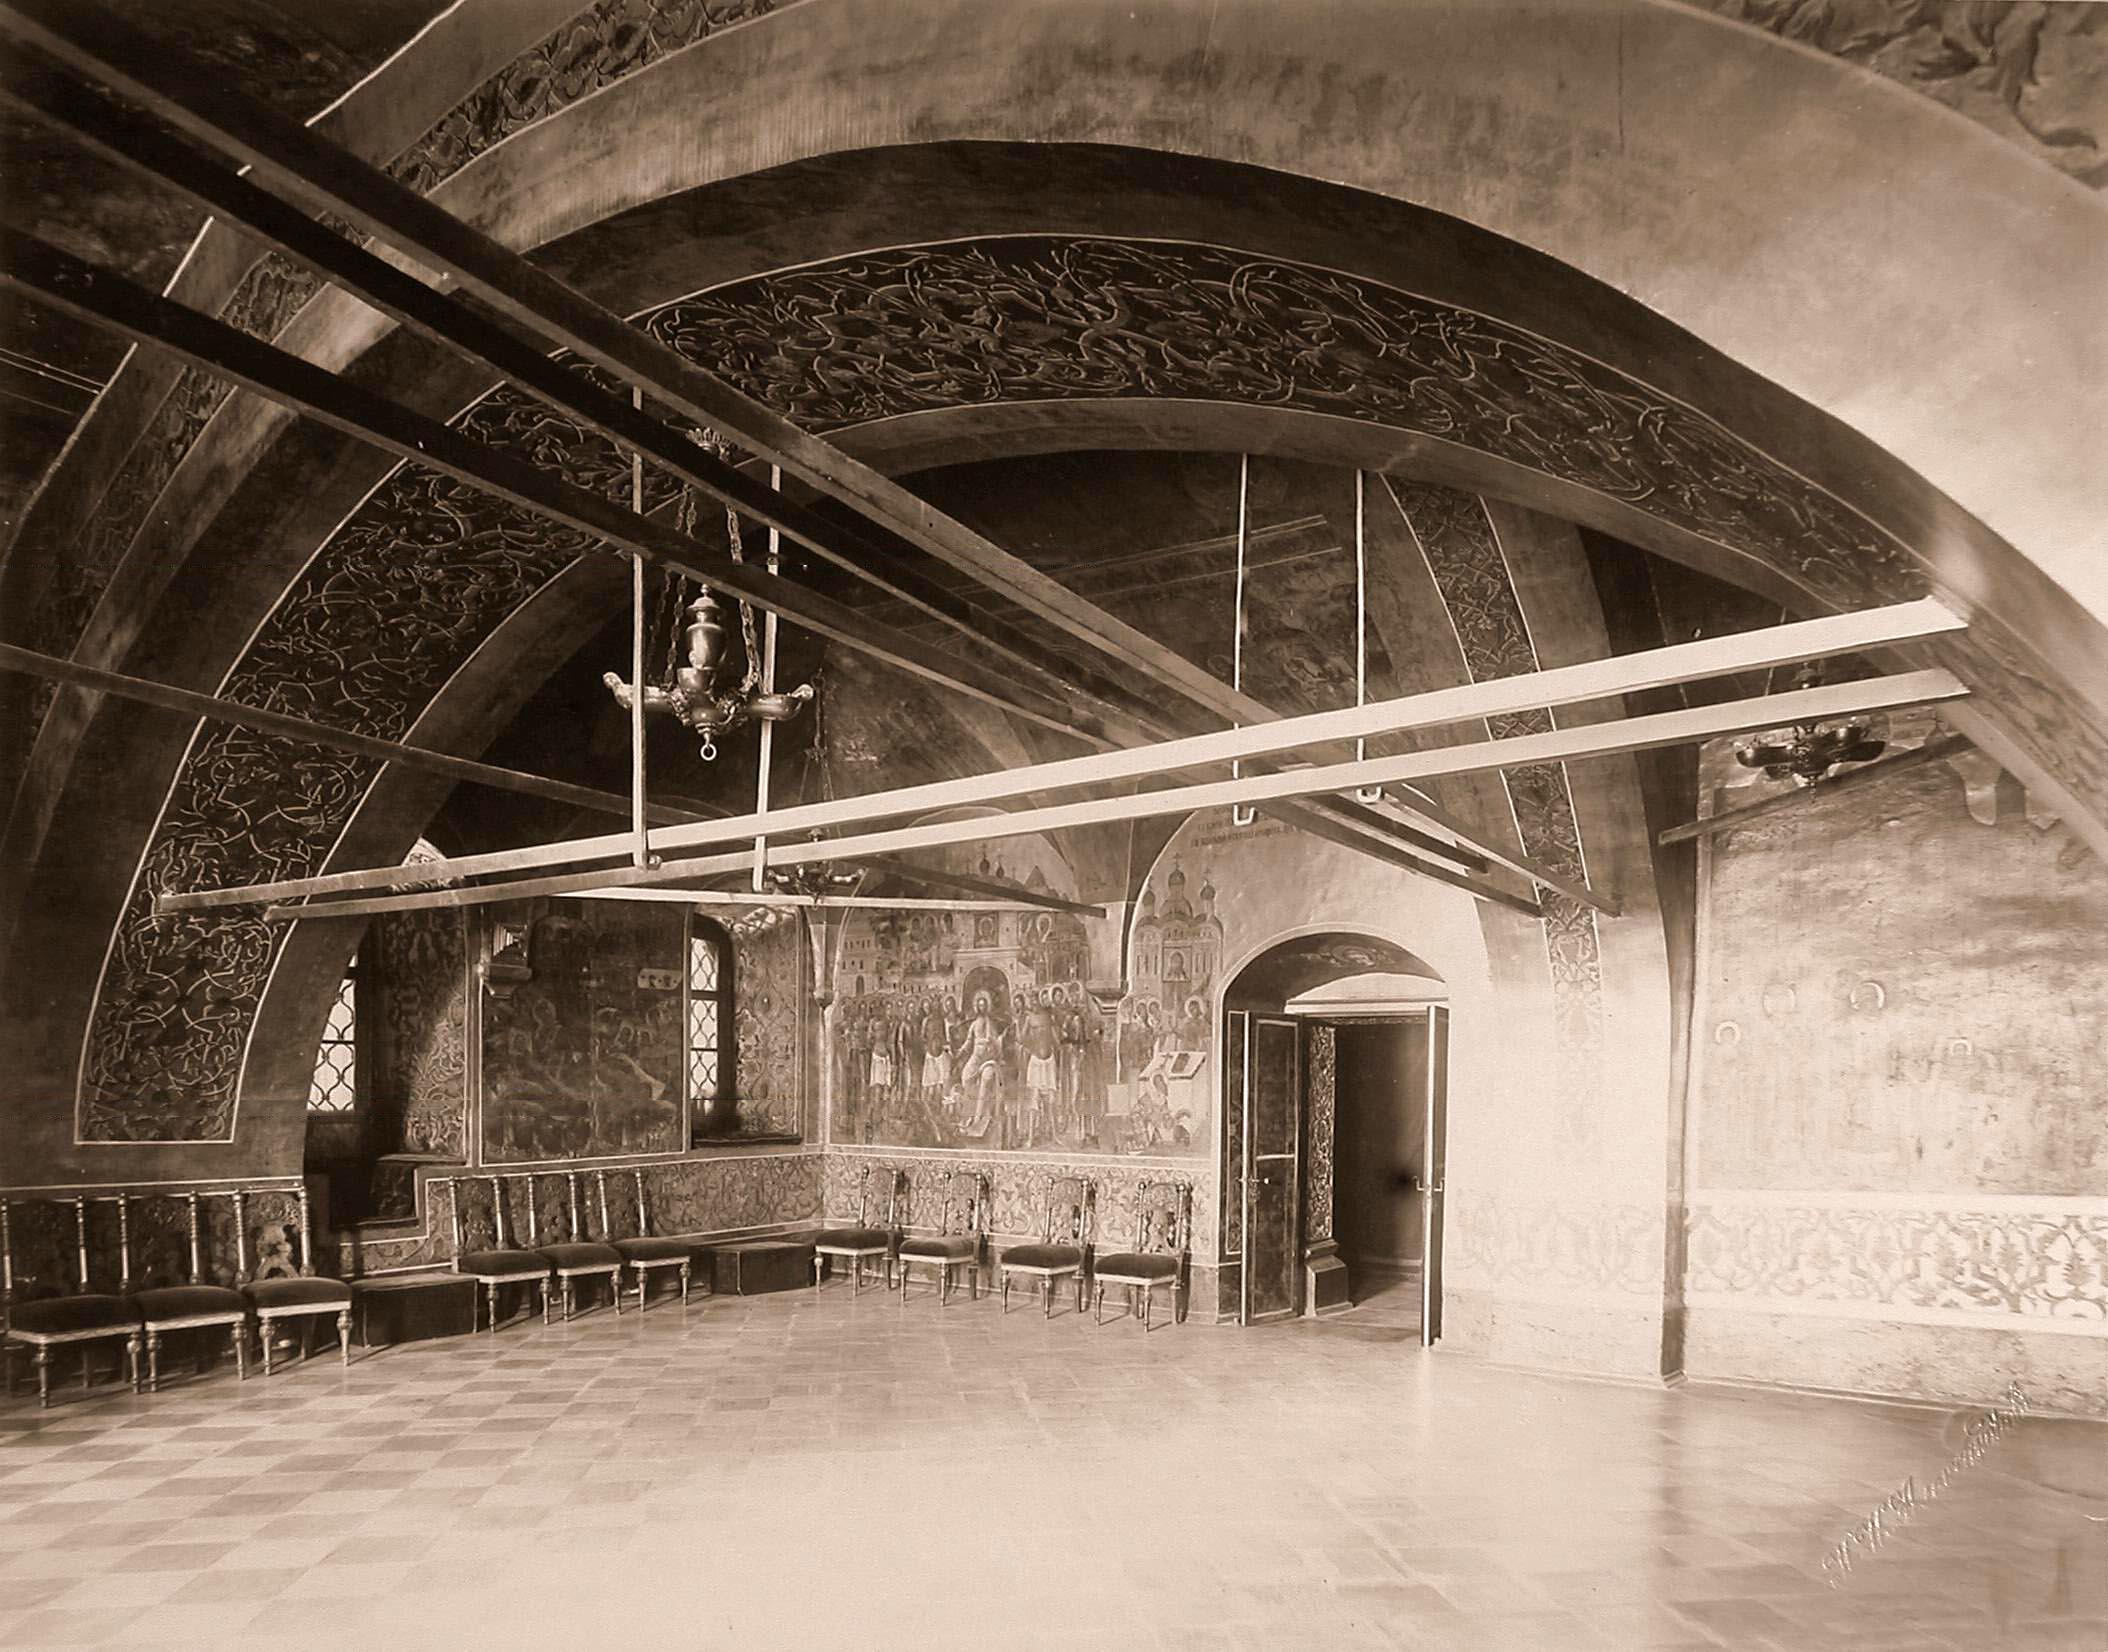 0_a84d0_bb240023_origИнтерьер Золотой царицыной палаты (постройка XVI в., росписи 1580-х гг.) в Кремле